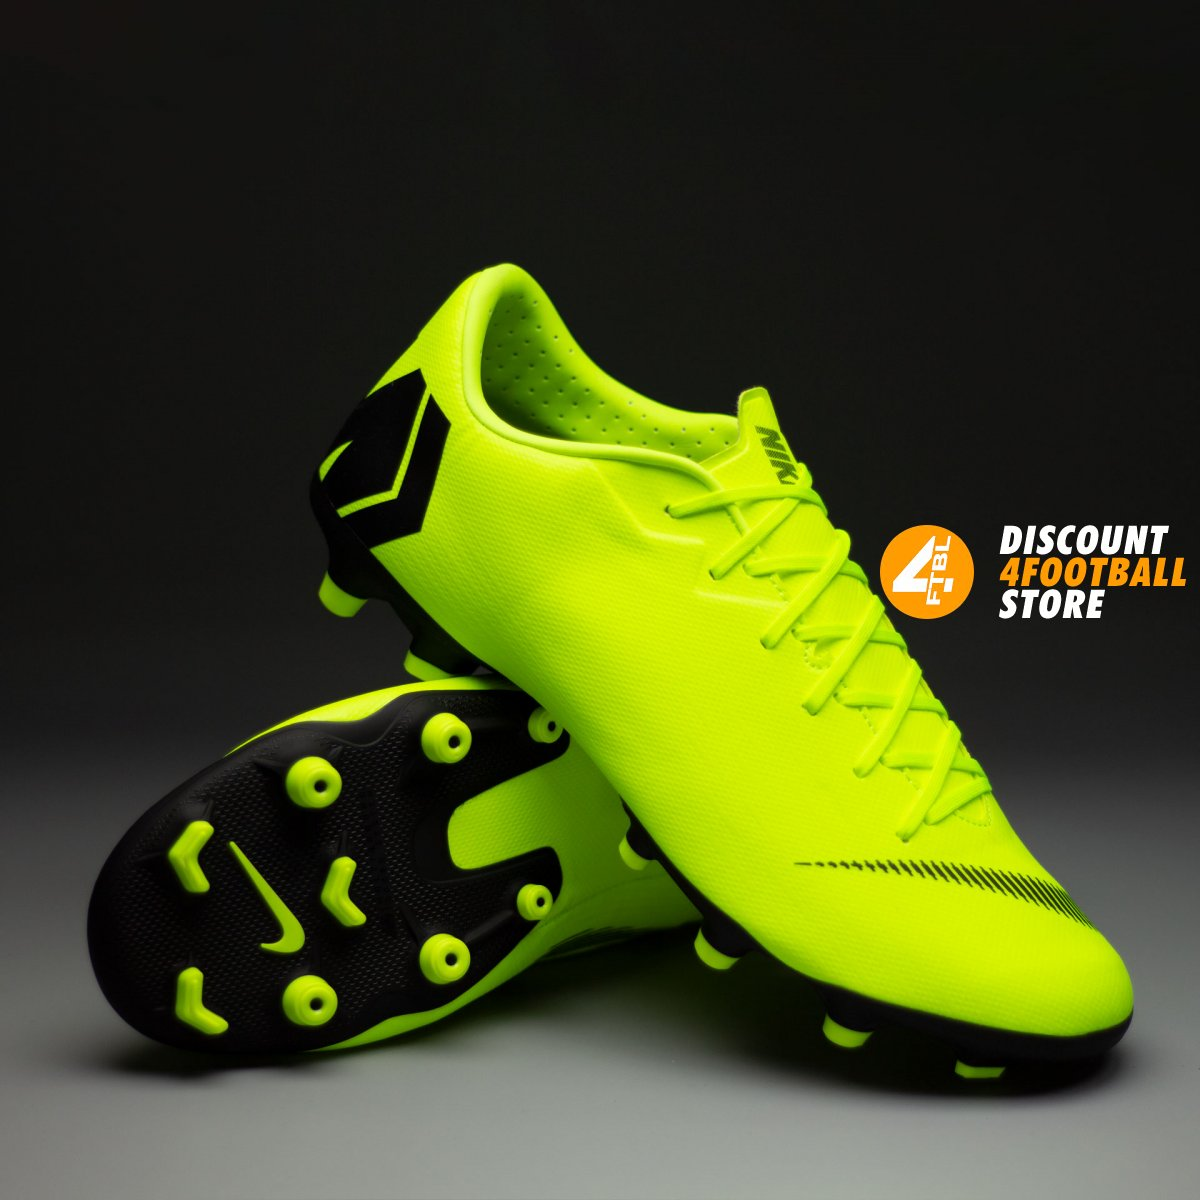 4fa22e32 Футбольные бутсы Nike Mercurial Vapor Academy AH7375-701 купить на ...